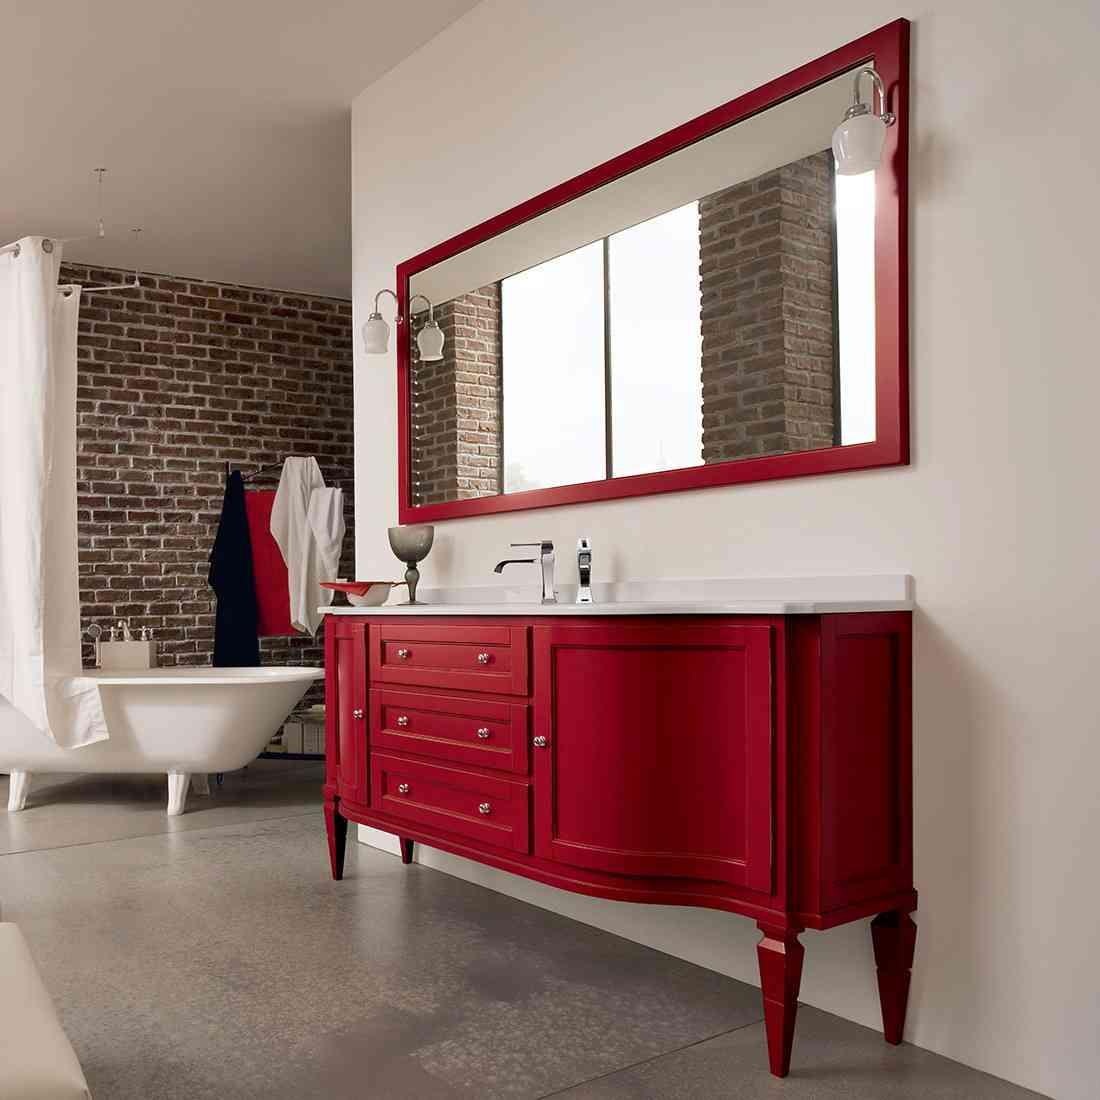 bagno classico colore rosso